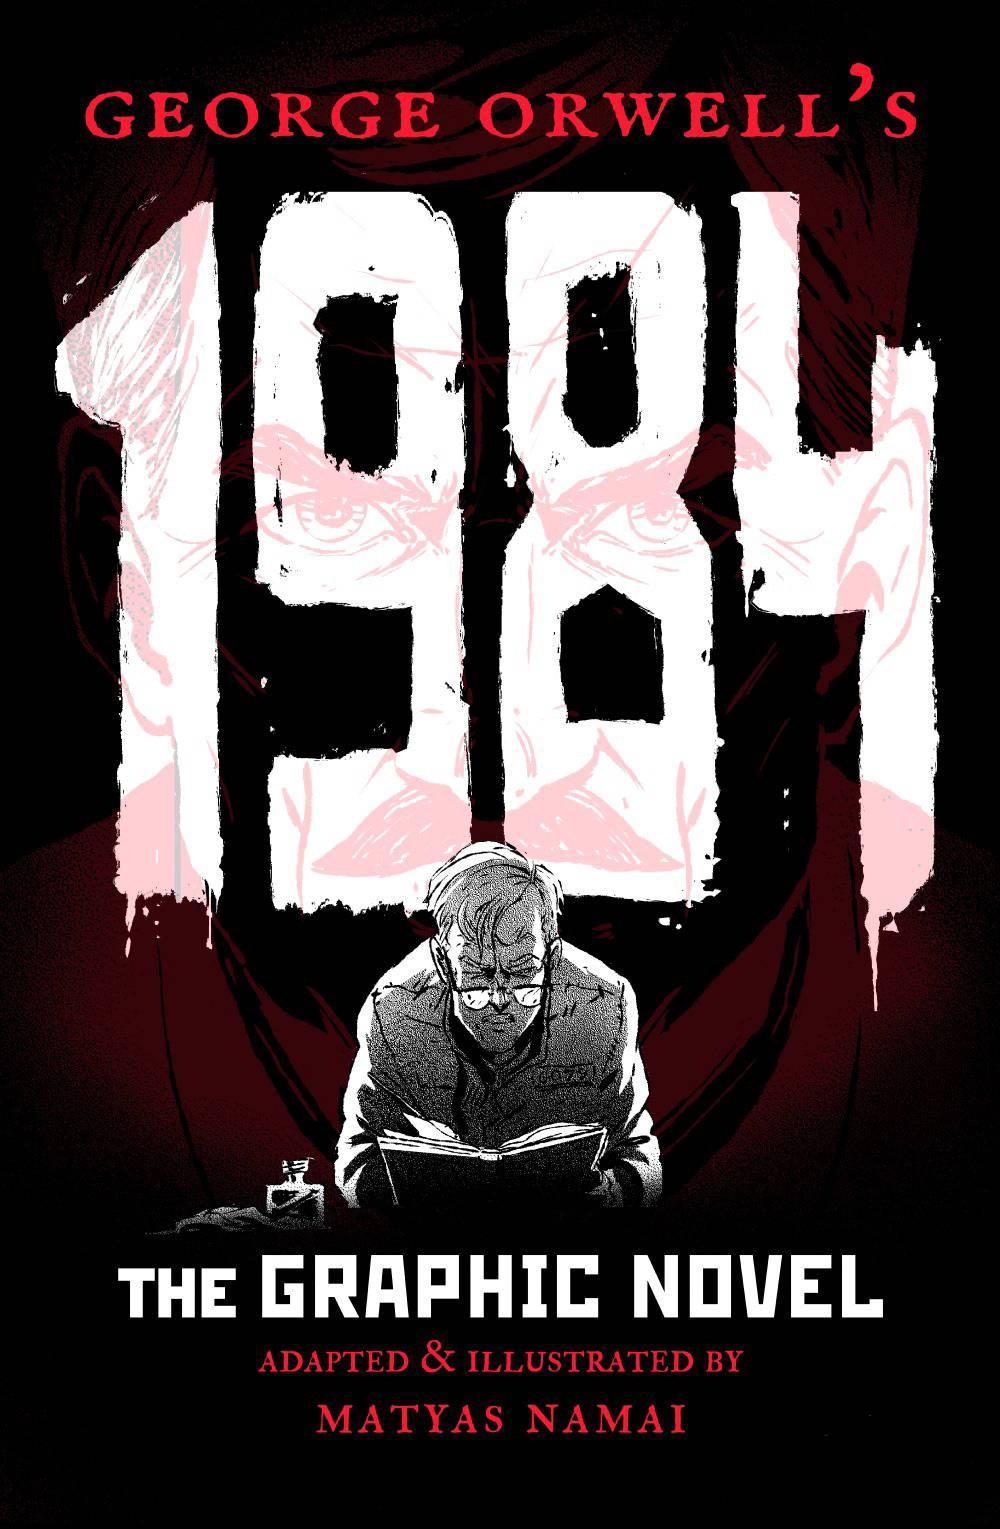 SOUTĚŽ: Komiks 1984